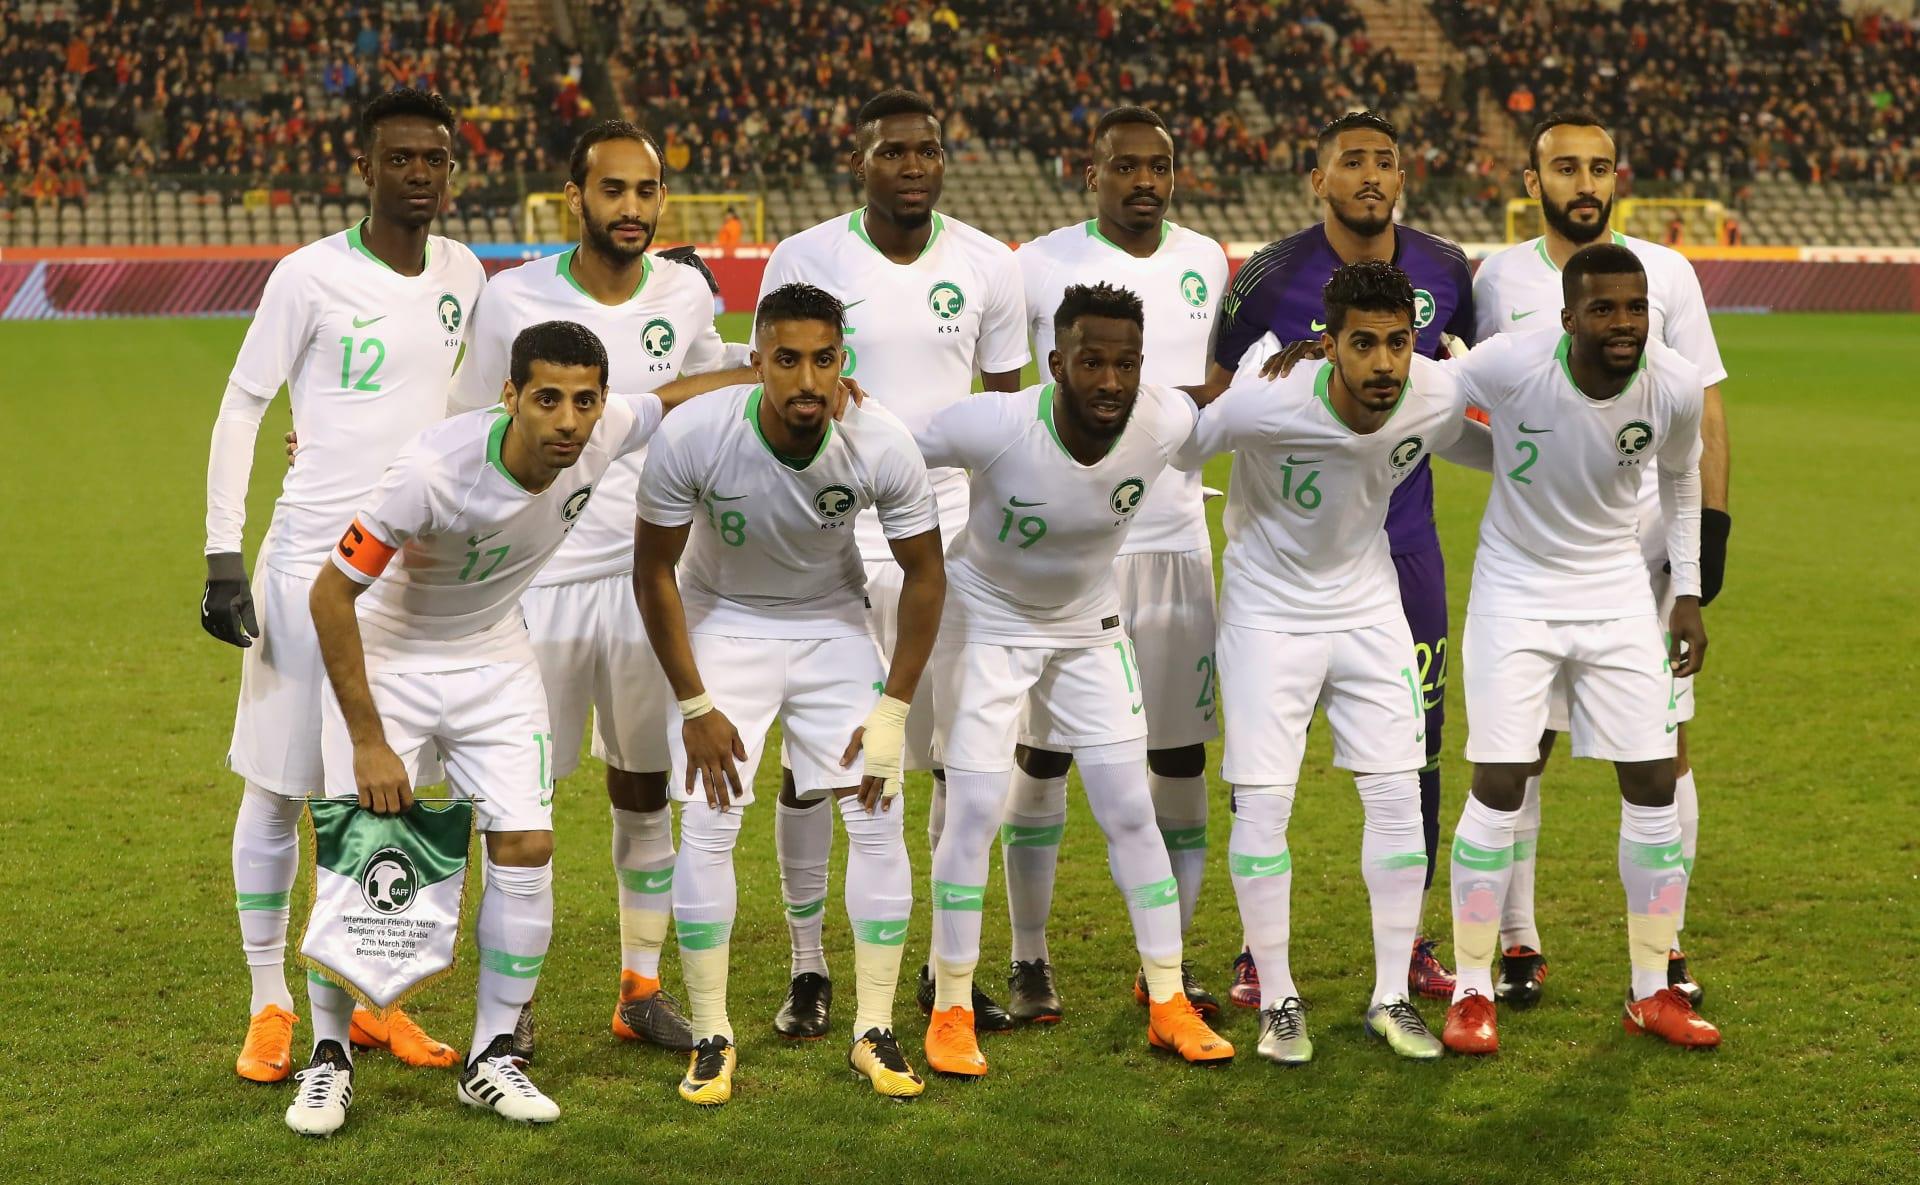 الكشف عن الطائرة التي ستنقل المنتخب السعودي إلى روسيا للمشاركة بالمونديال